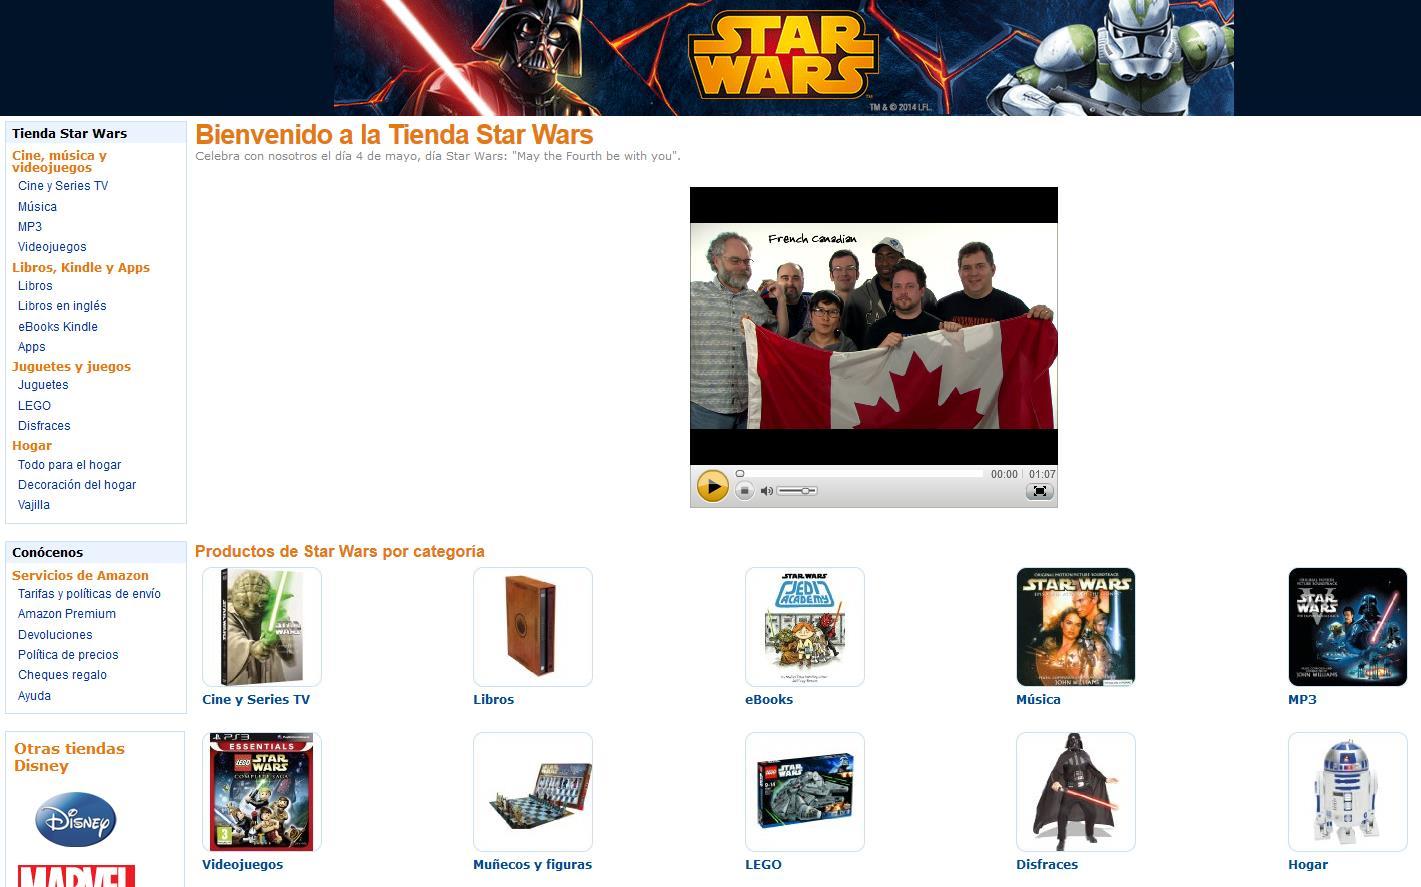 Star Wars en Amazon